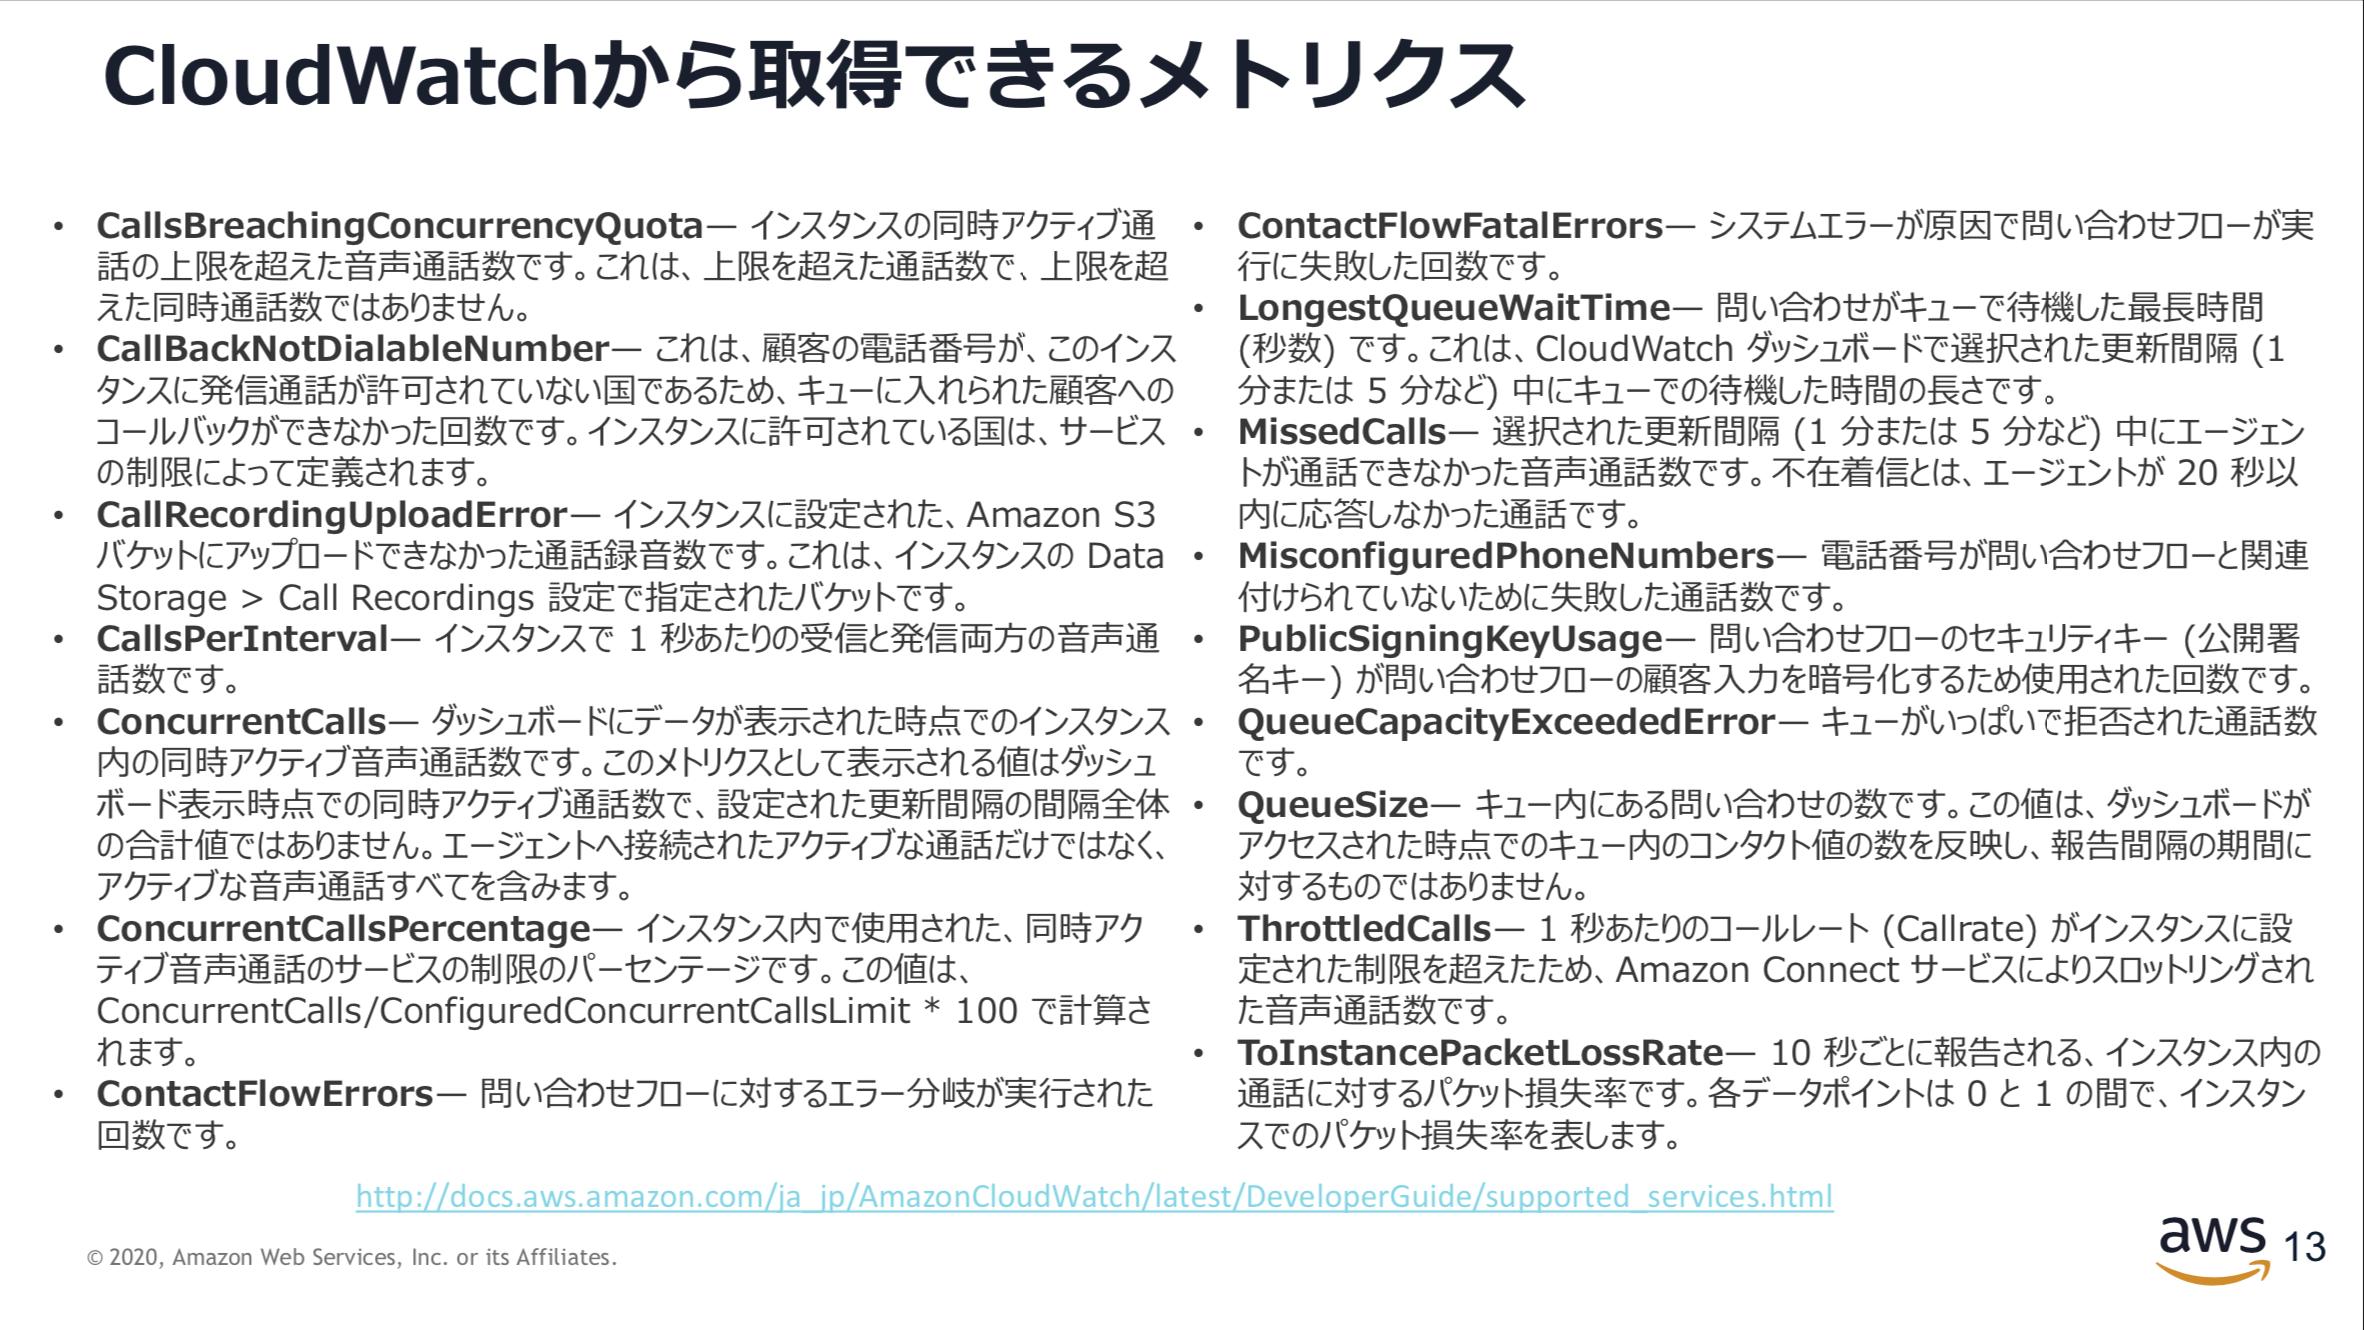 スクリーンショット 2020-11-08 20.50.04.png